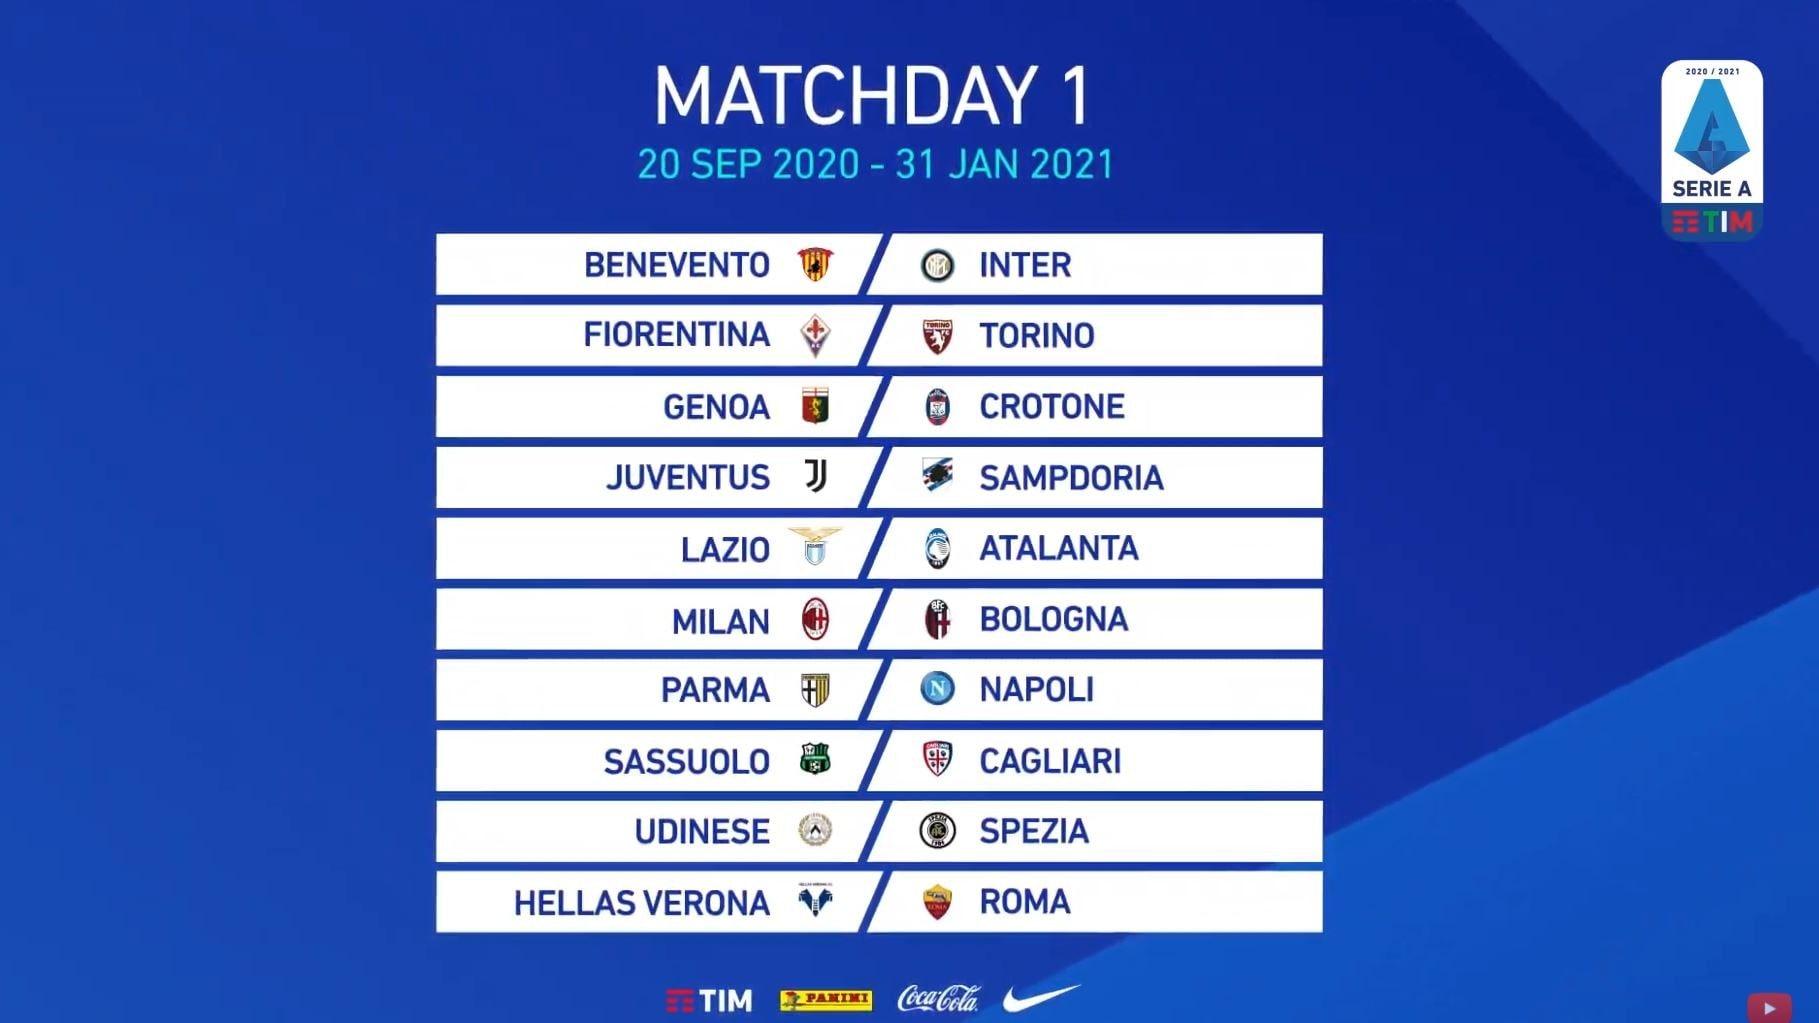 Calendario Serie A 2020/21, ecco tutte le giornate del campionato